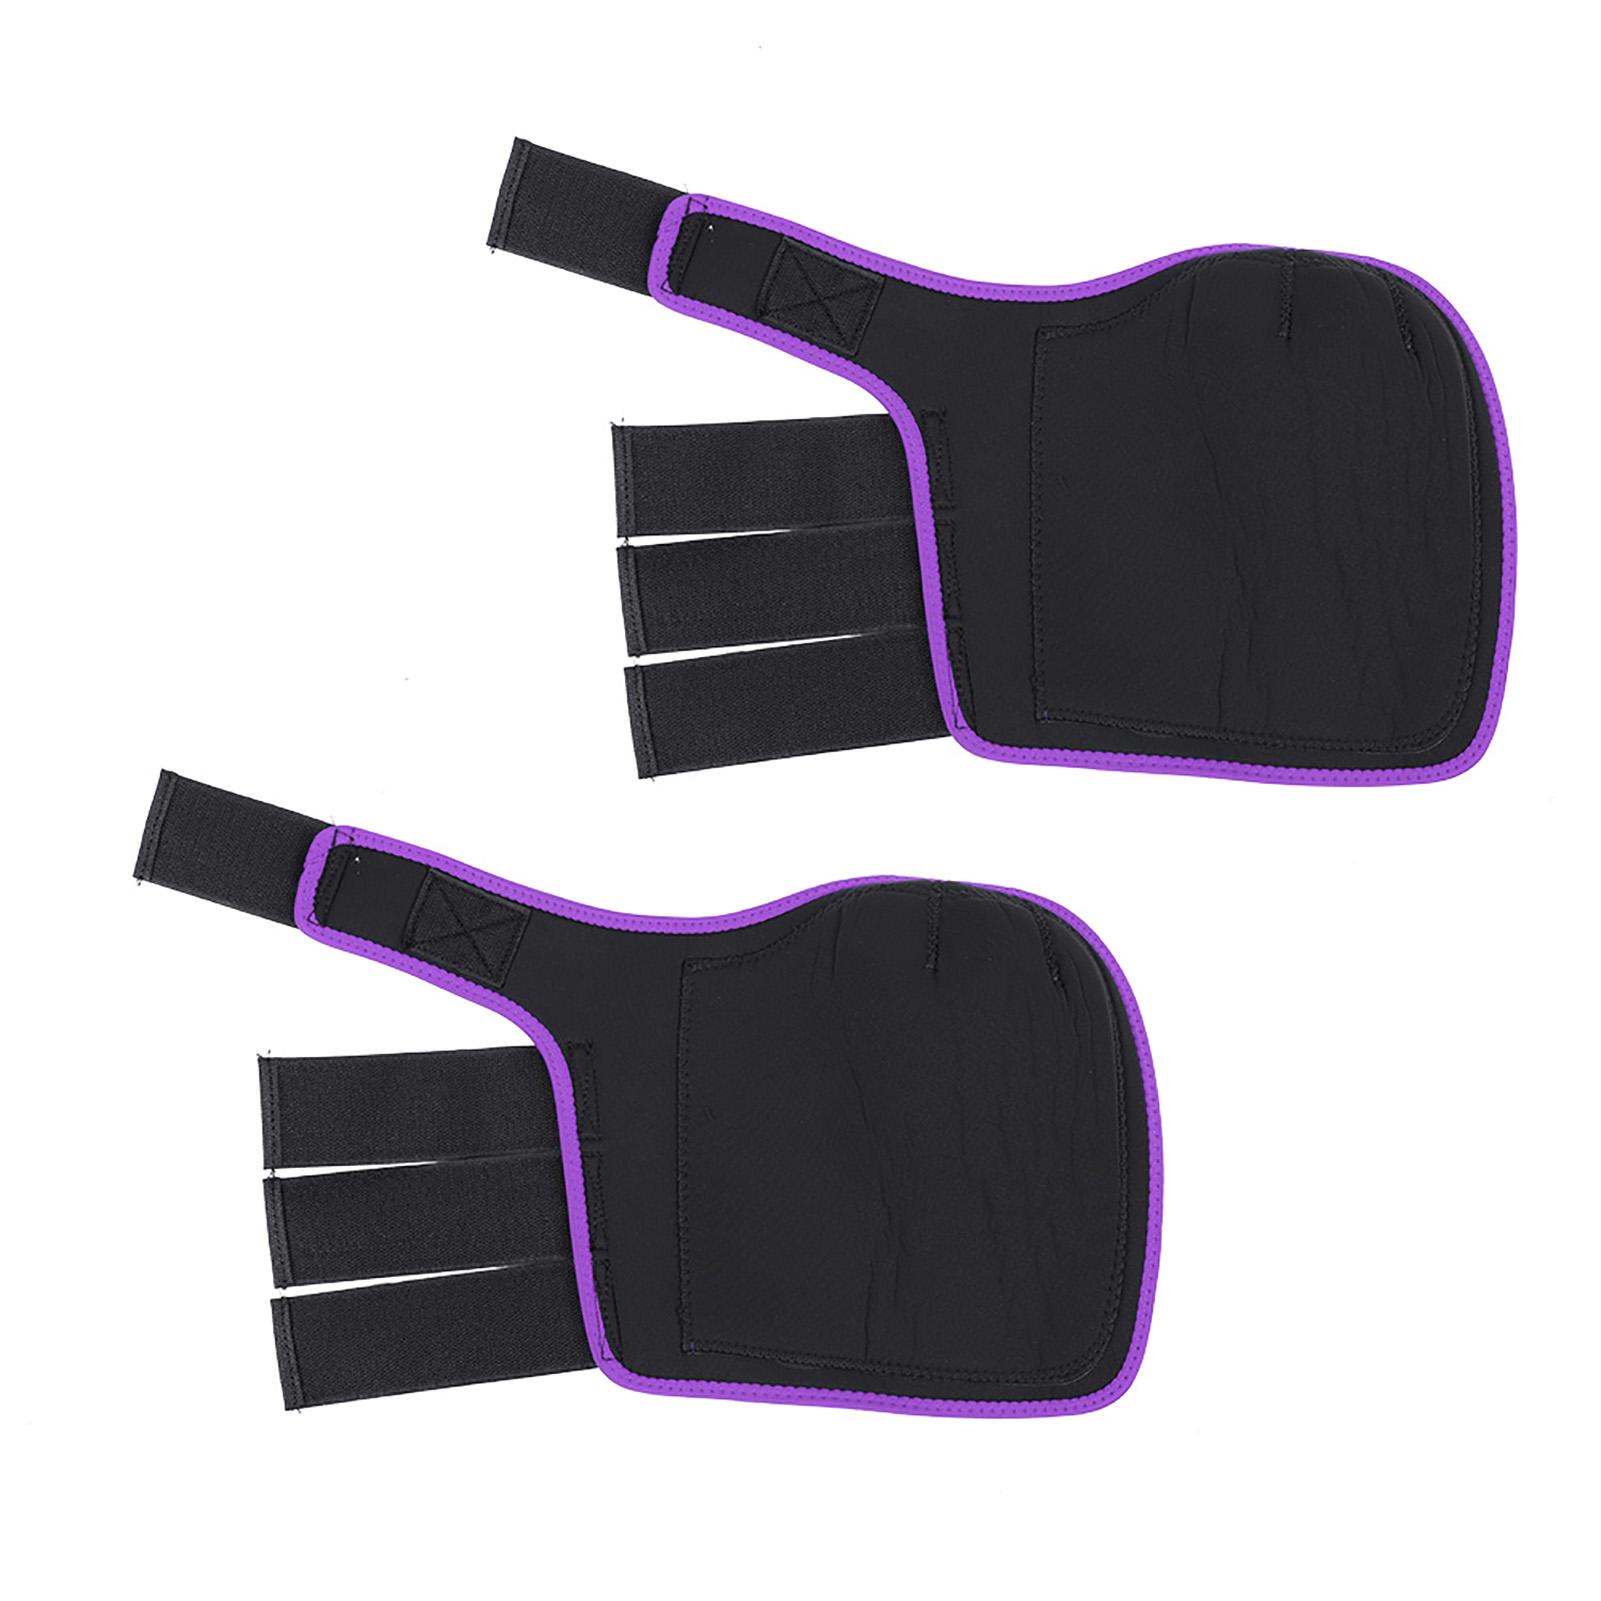 Verstellbare-Pferd-Bein-Stiefel-vorne-Hinterbeine-Bein-Sehnen-Protektor-Reitsport-Unterstuetzung Indexbild 25